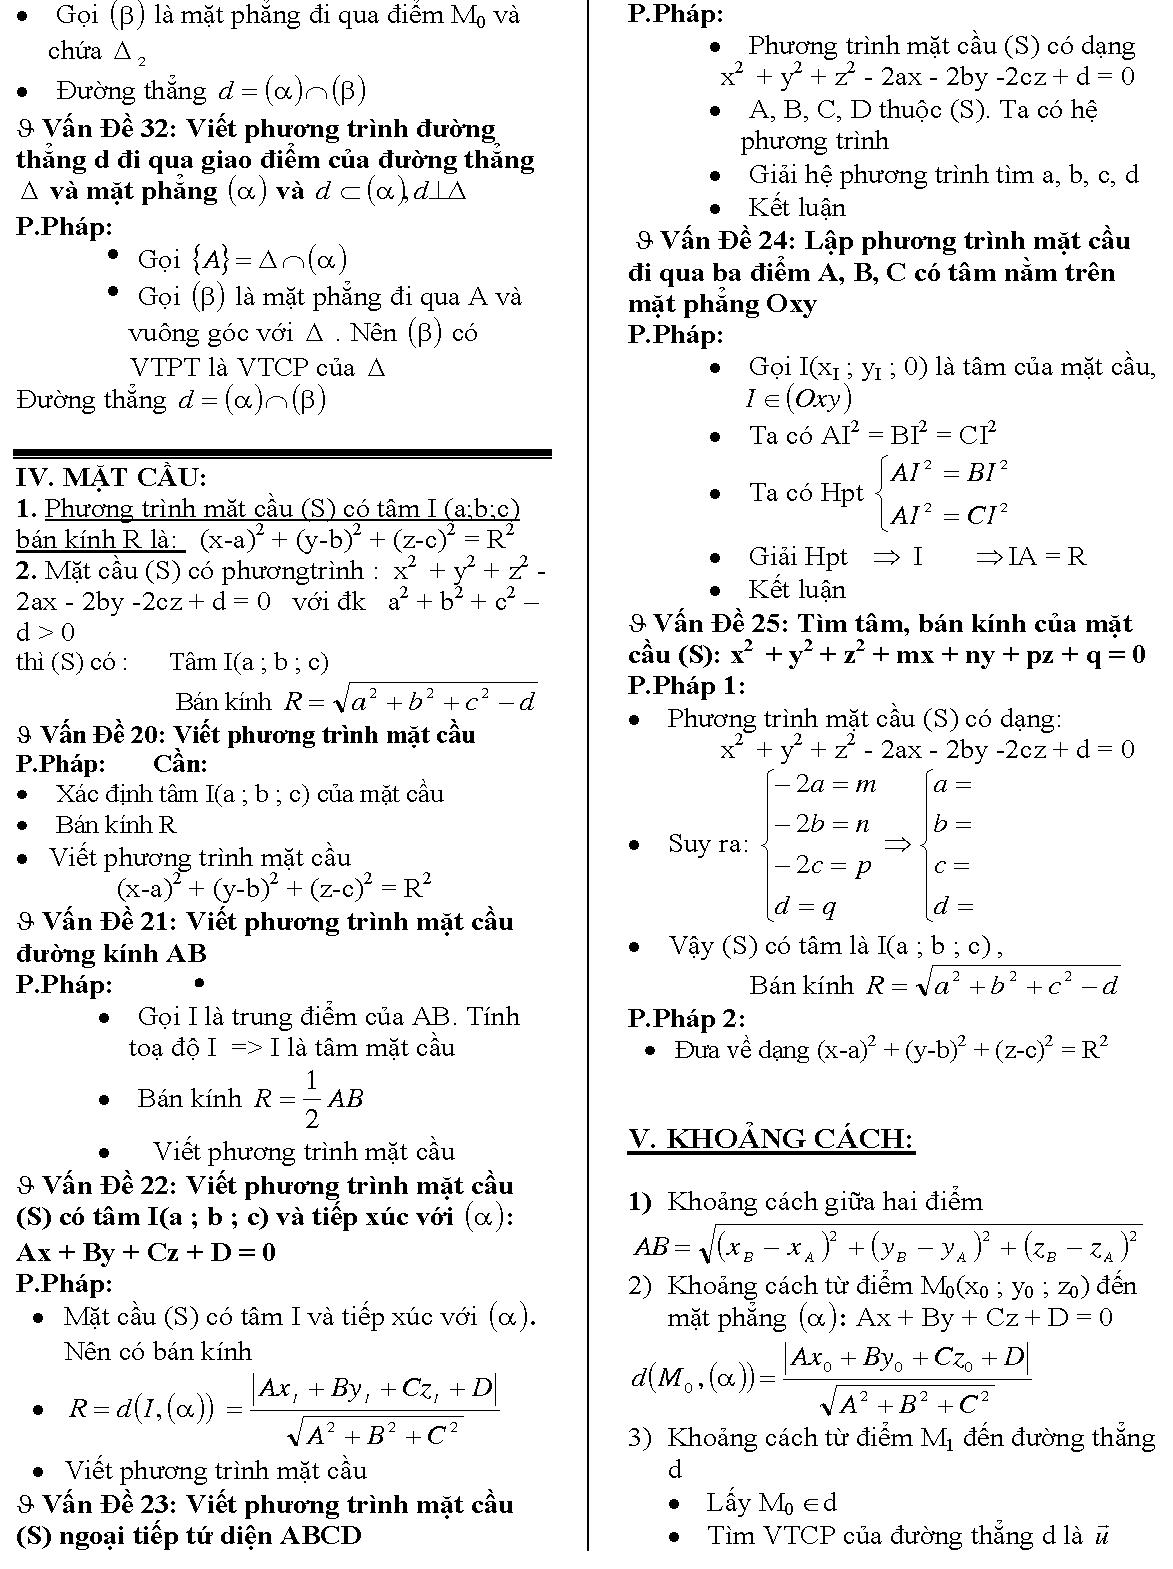 29 công thức hình học không gian (8).png